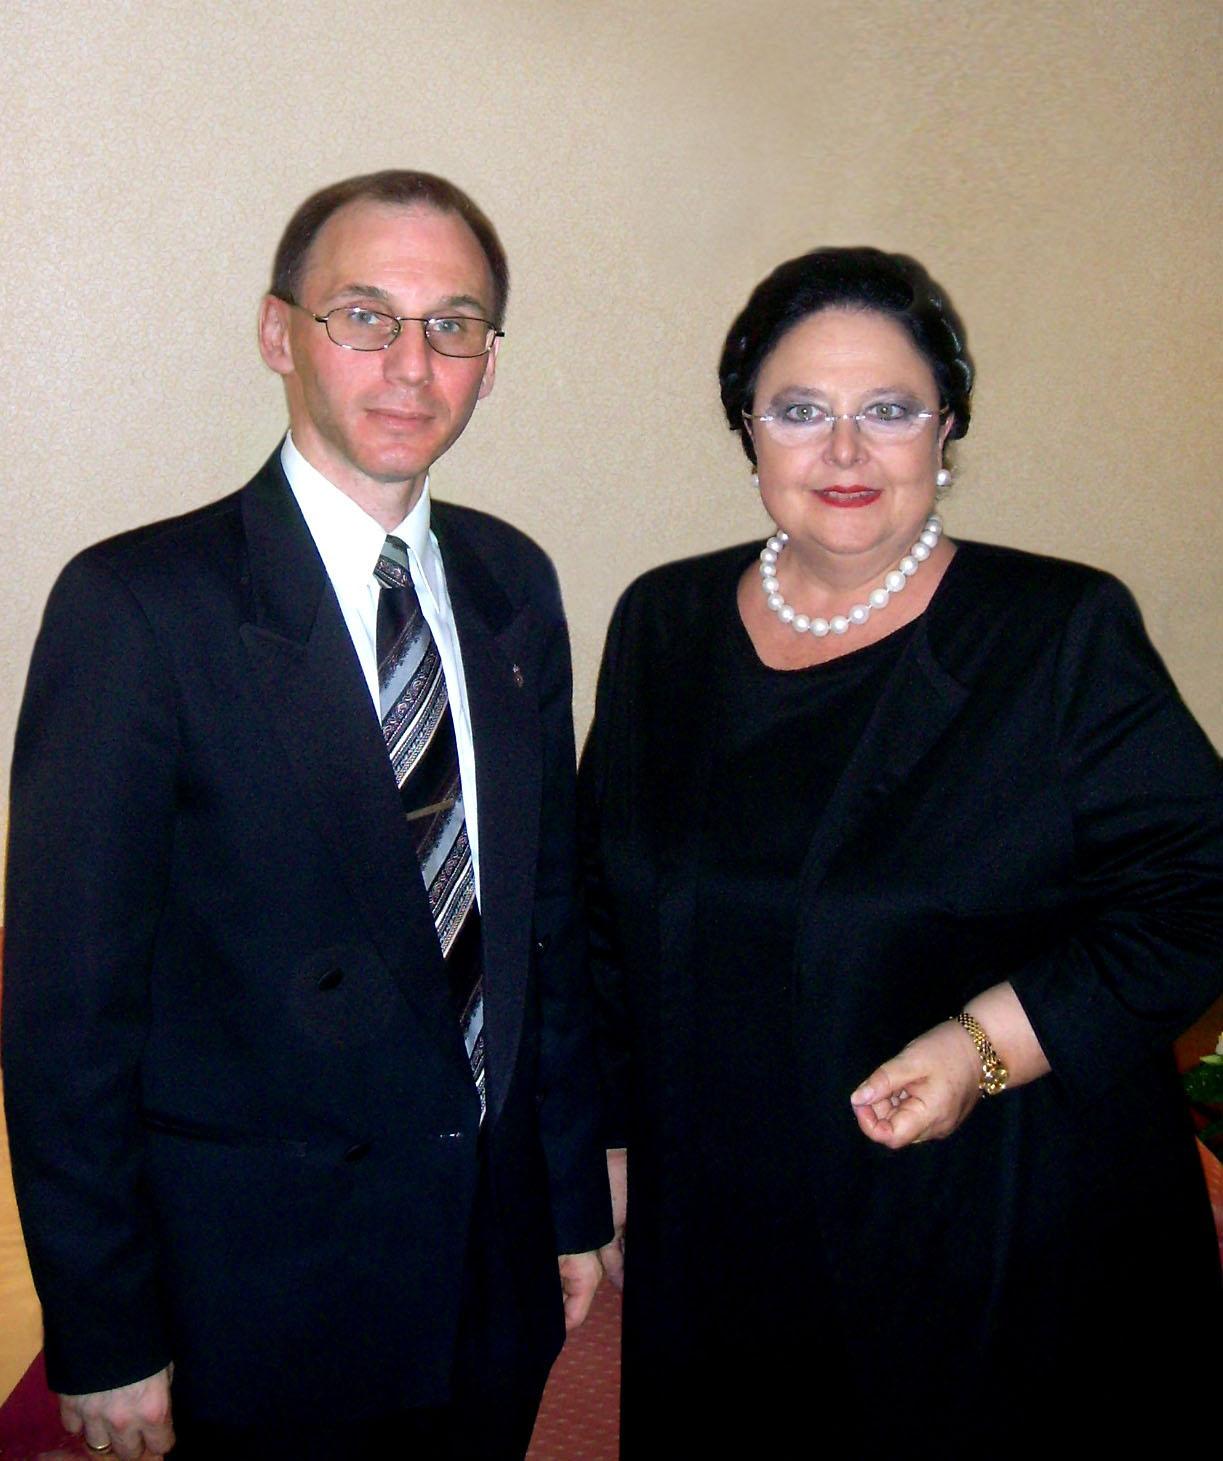 Кирилл Немирович-Данченко и Глава Российского Императорского Дома